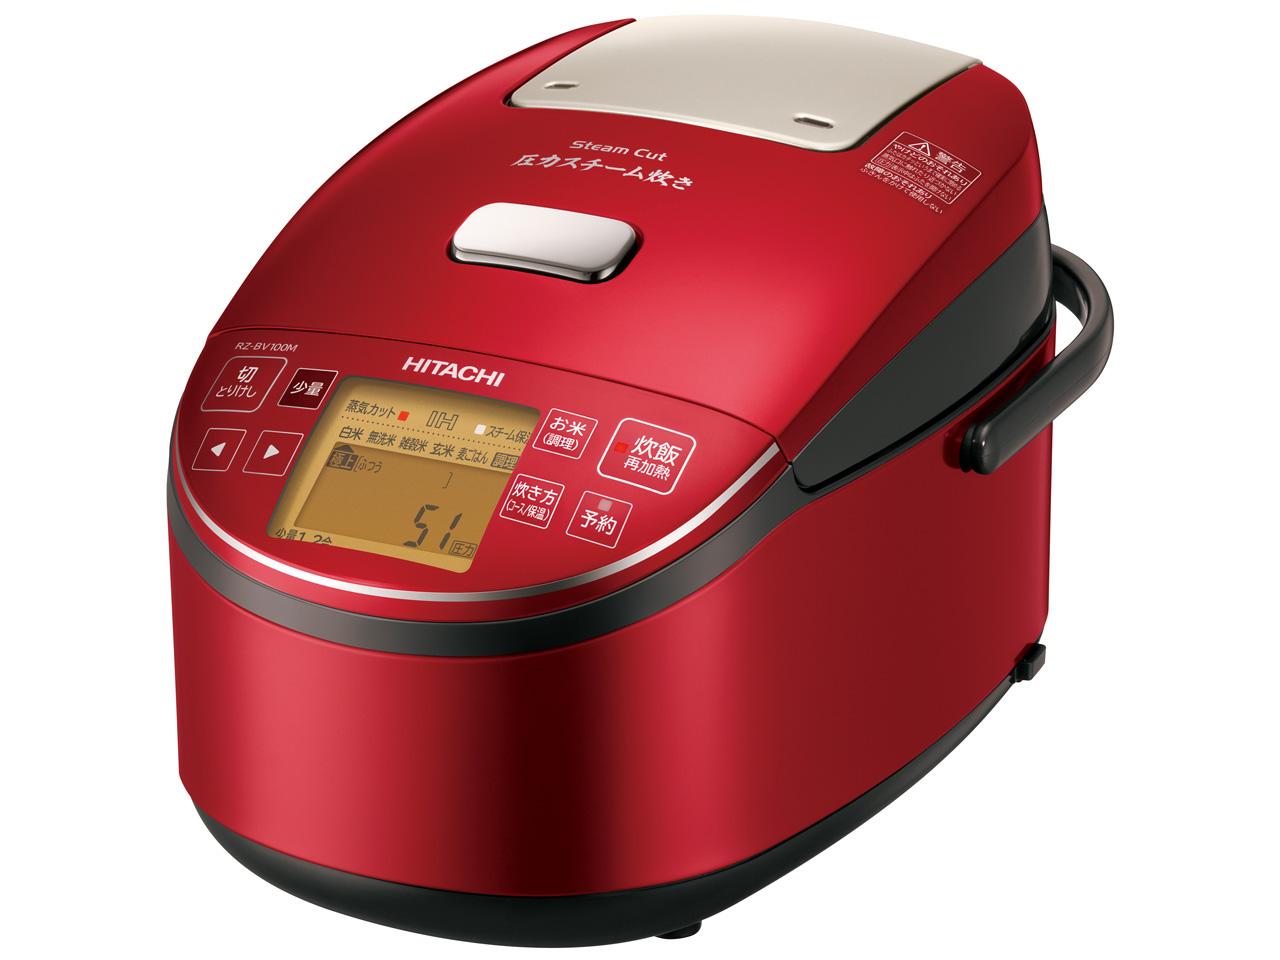 日立 炊飯器 5.5合 圧力&スチームIH ふっくら御膳 日本製 打込鉄釜 蒸気カット RZ-BV100M R メタリックレッド